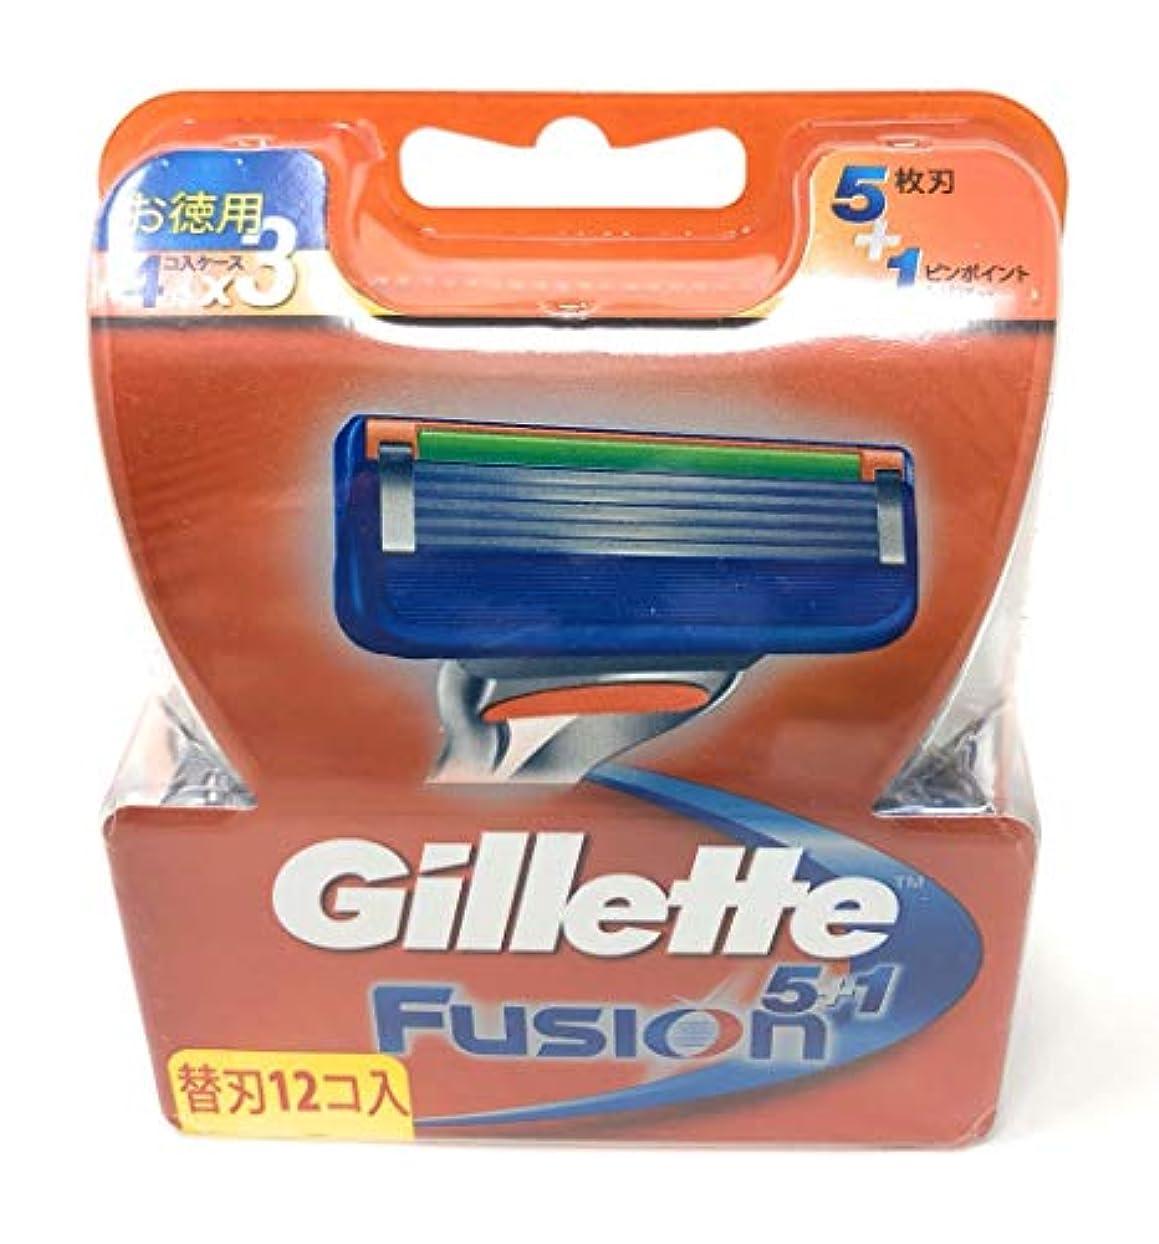 フリース出来事有害なジレット フュージョン5+1 マニュアル 髭剃り 替刃 12コ入 (景品付き)